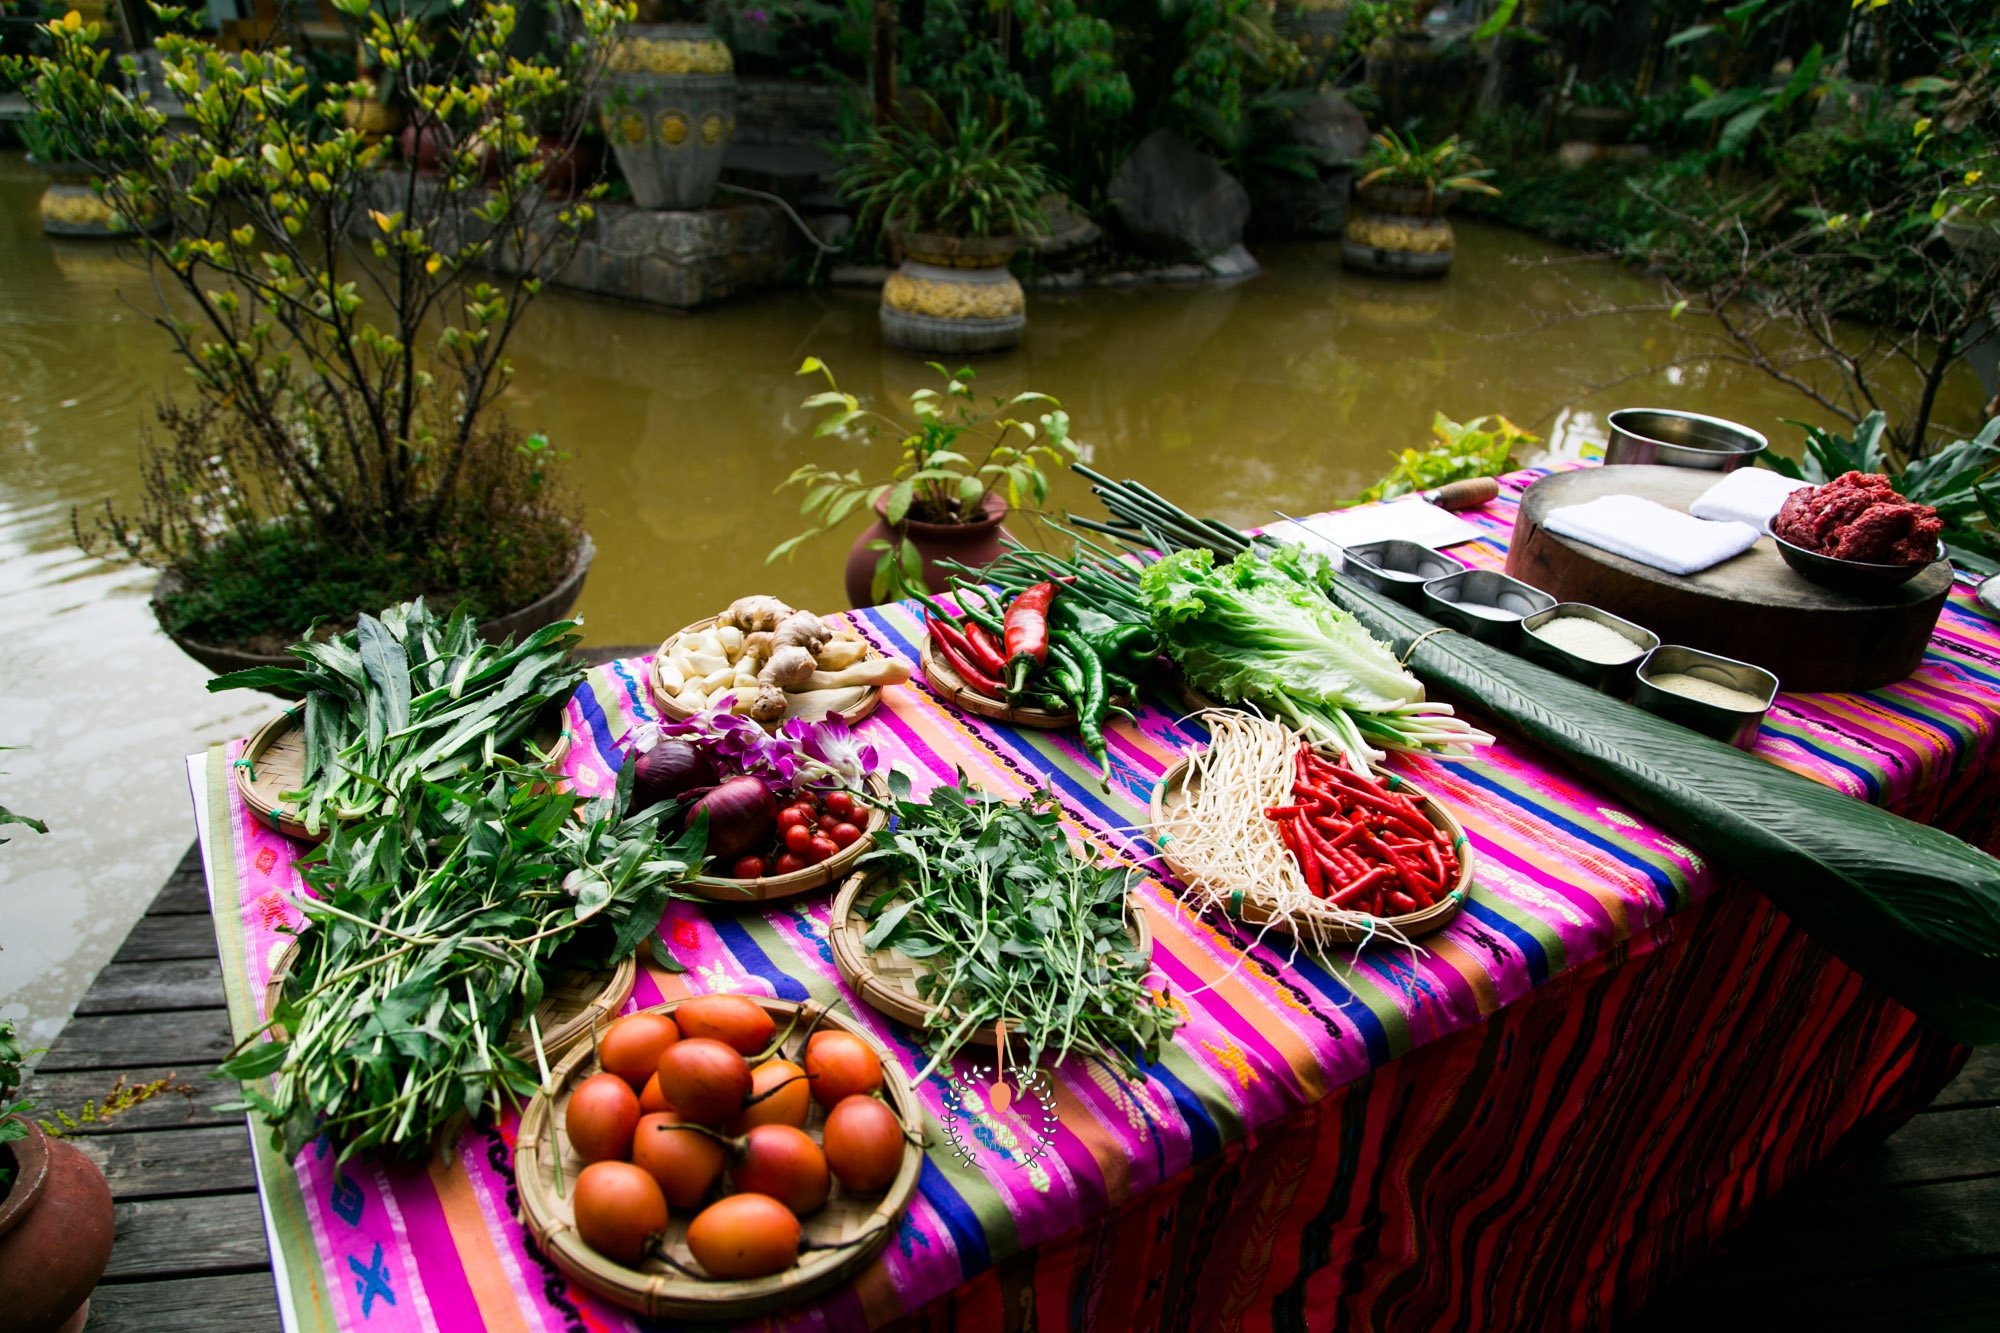 【滇】中缅边境奇食之旅,用苦牛肠水招待贵宾